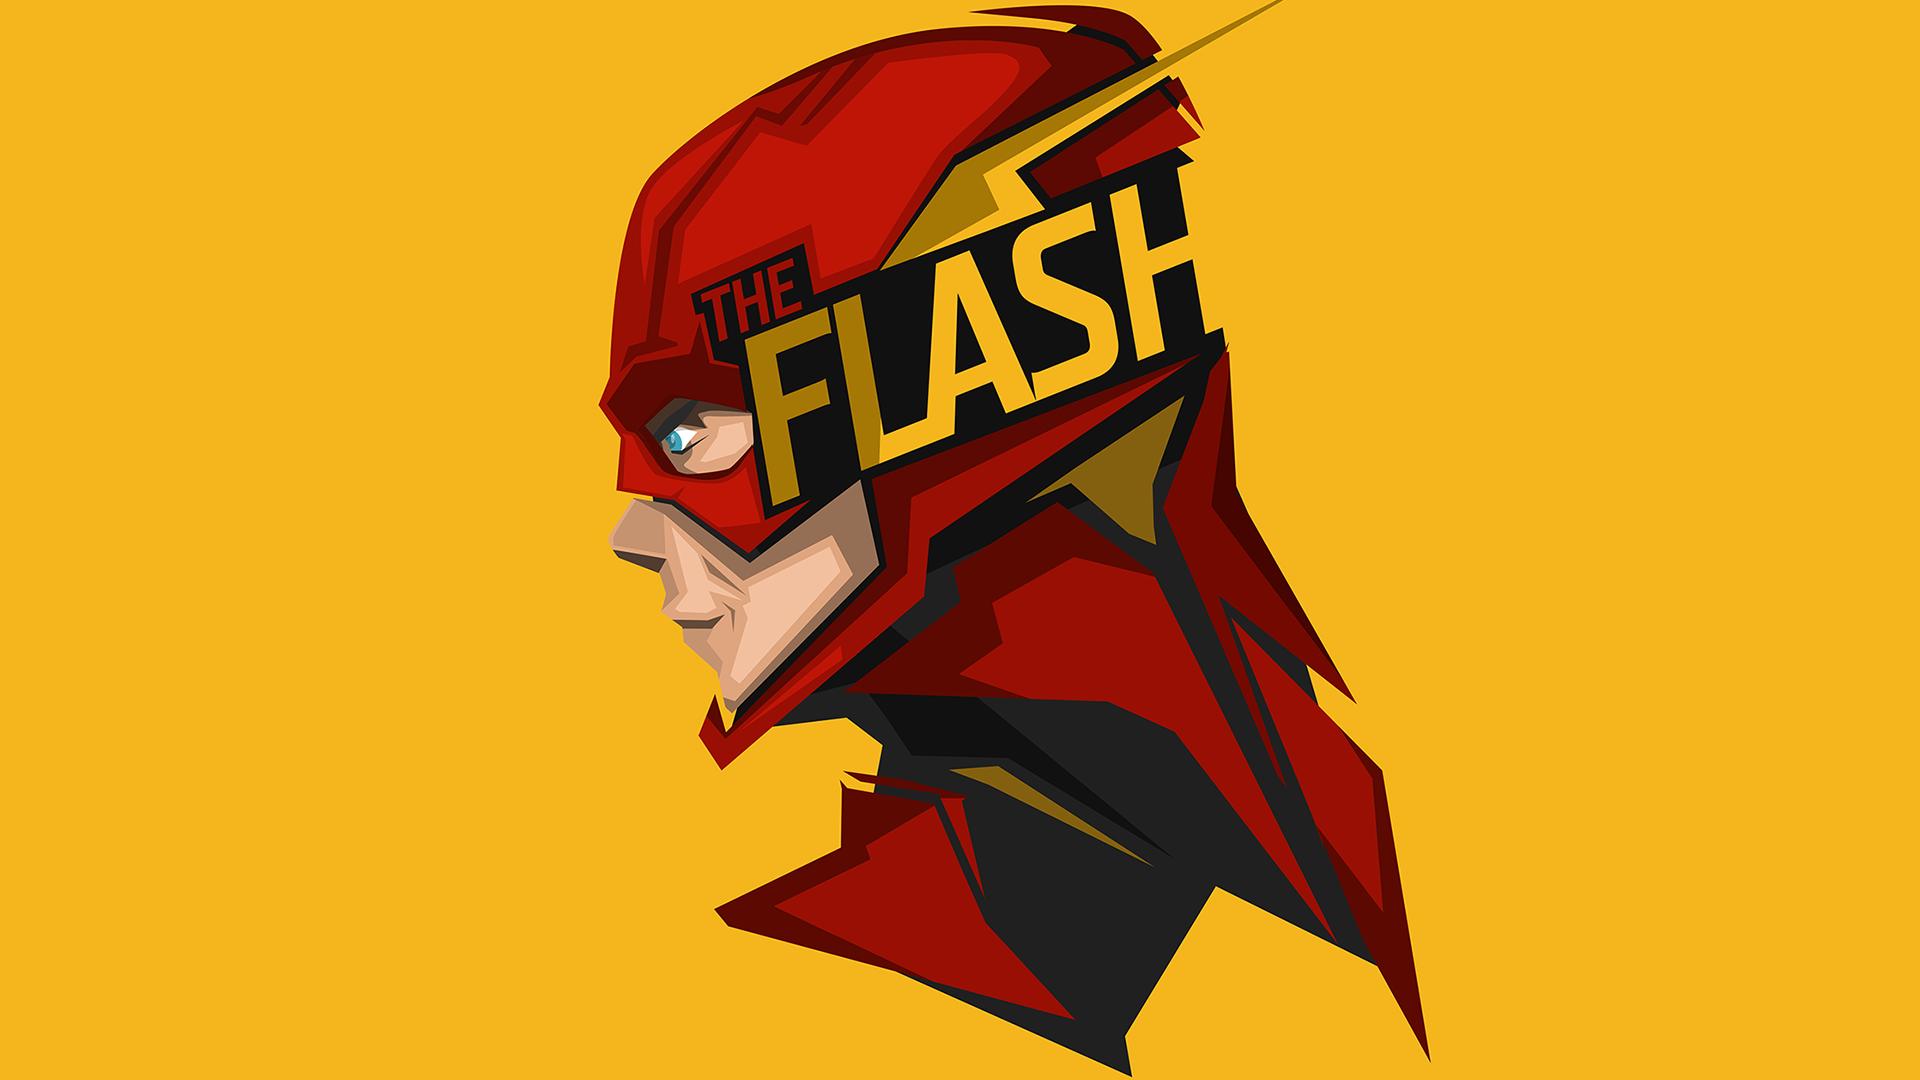 Çizgi Roman - Flash Duvarkağıdı - Flash HD PNG